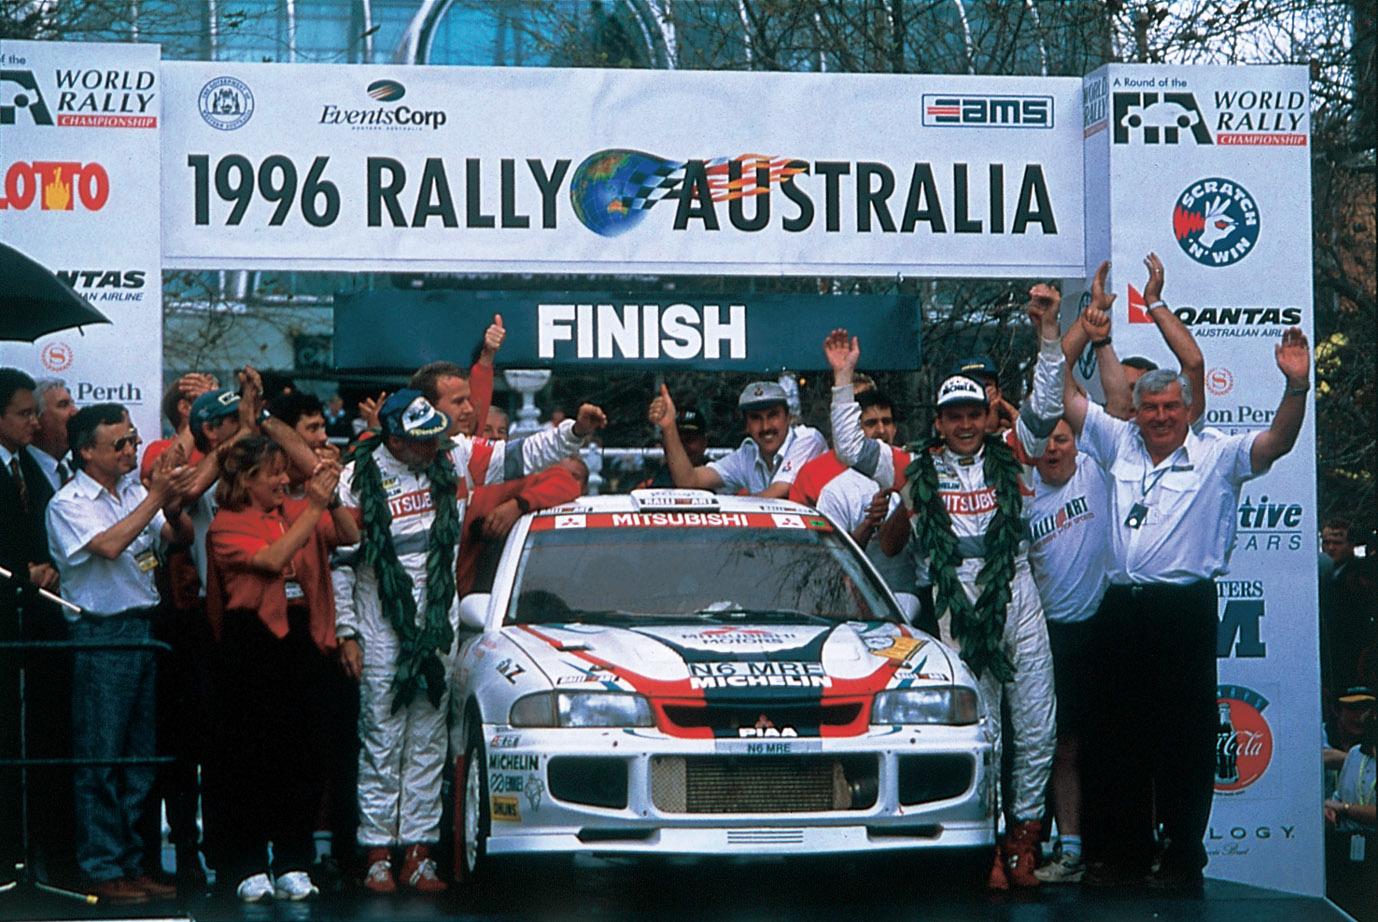 世界ラリー選手権(WRC)で無敵の快進撃を続けたランエボ